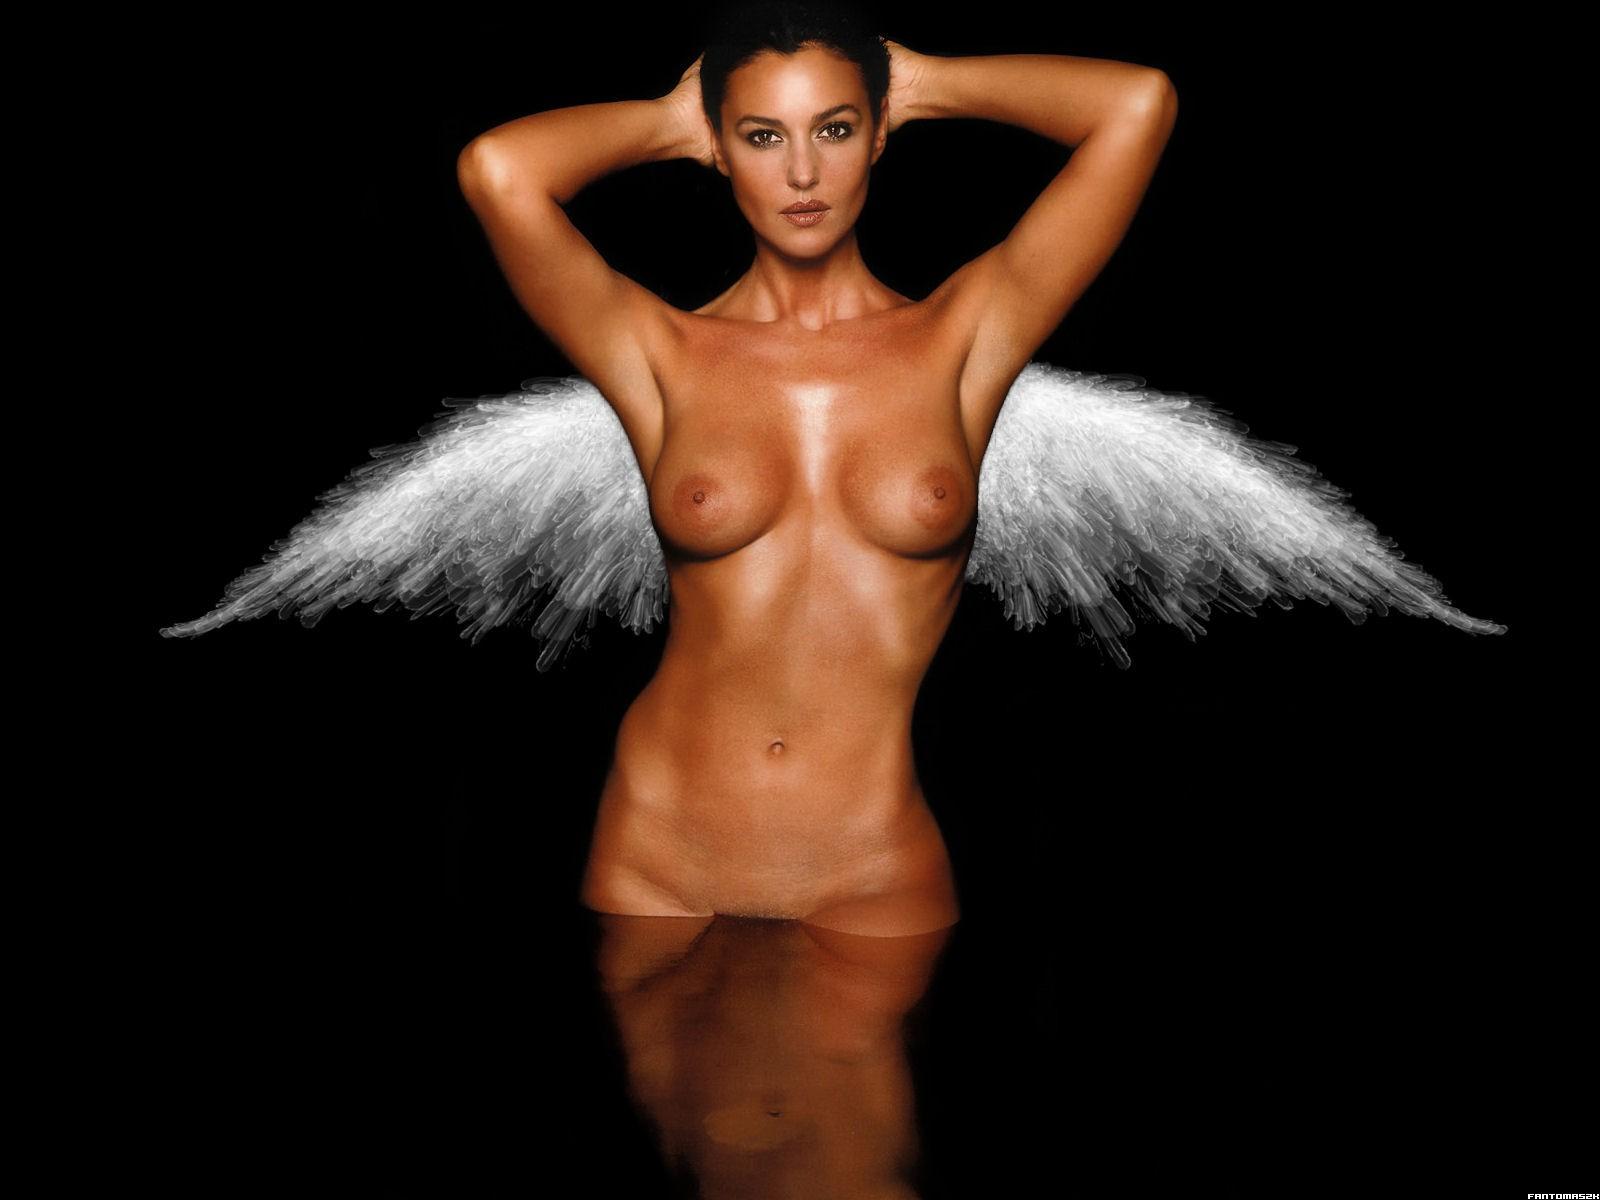 http://2.bp.blogspot.com/-tklHOkc_URk/TaB60nYunuI/AAAAAAAAAlU/Du9f6EUSawE/s1600/168_wp_monicabellucci_fantomas2k.jpg